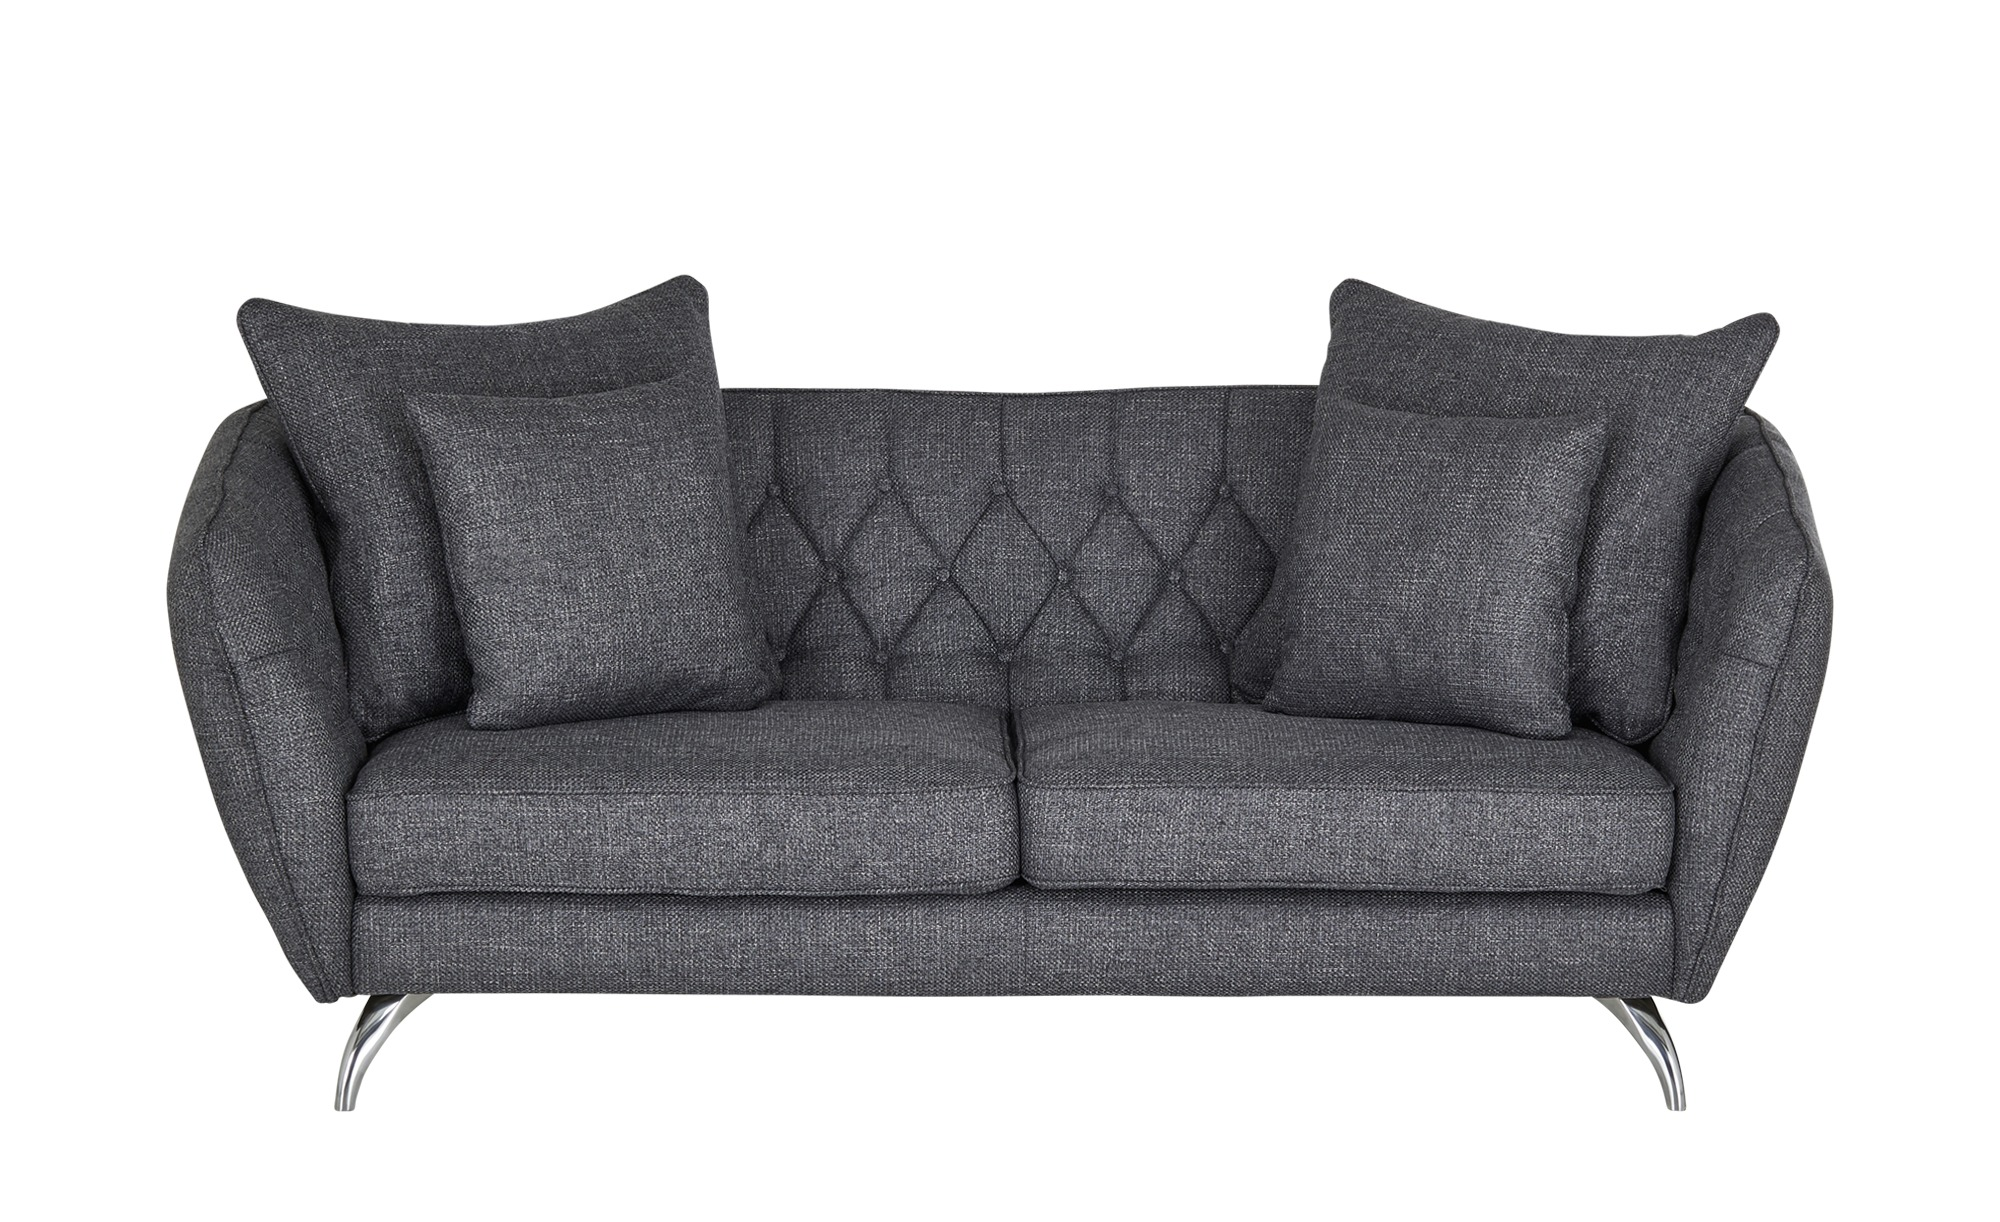 Sofa 2,5-sitzig graublau - Flachgewebe Schongau ¦ Maße (cm): B: 210 H: 73 T: 100 Polstermöbel > Sofas > Einzelsofas - Höffner